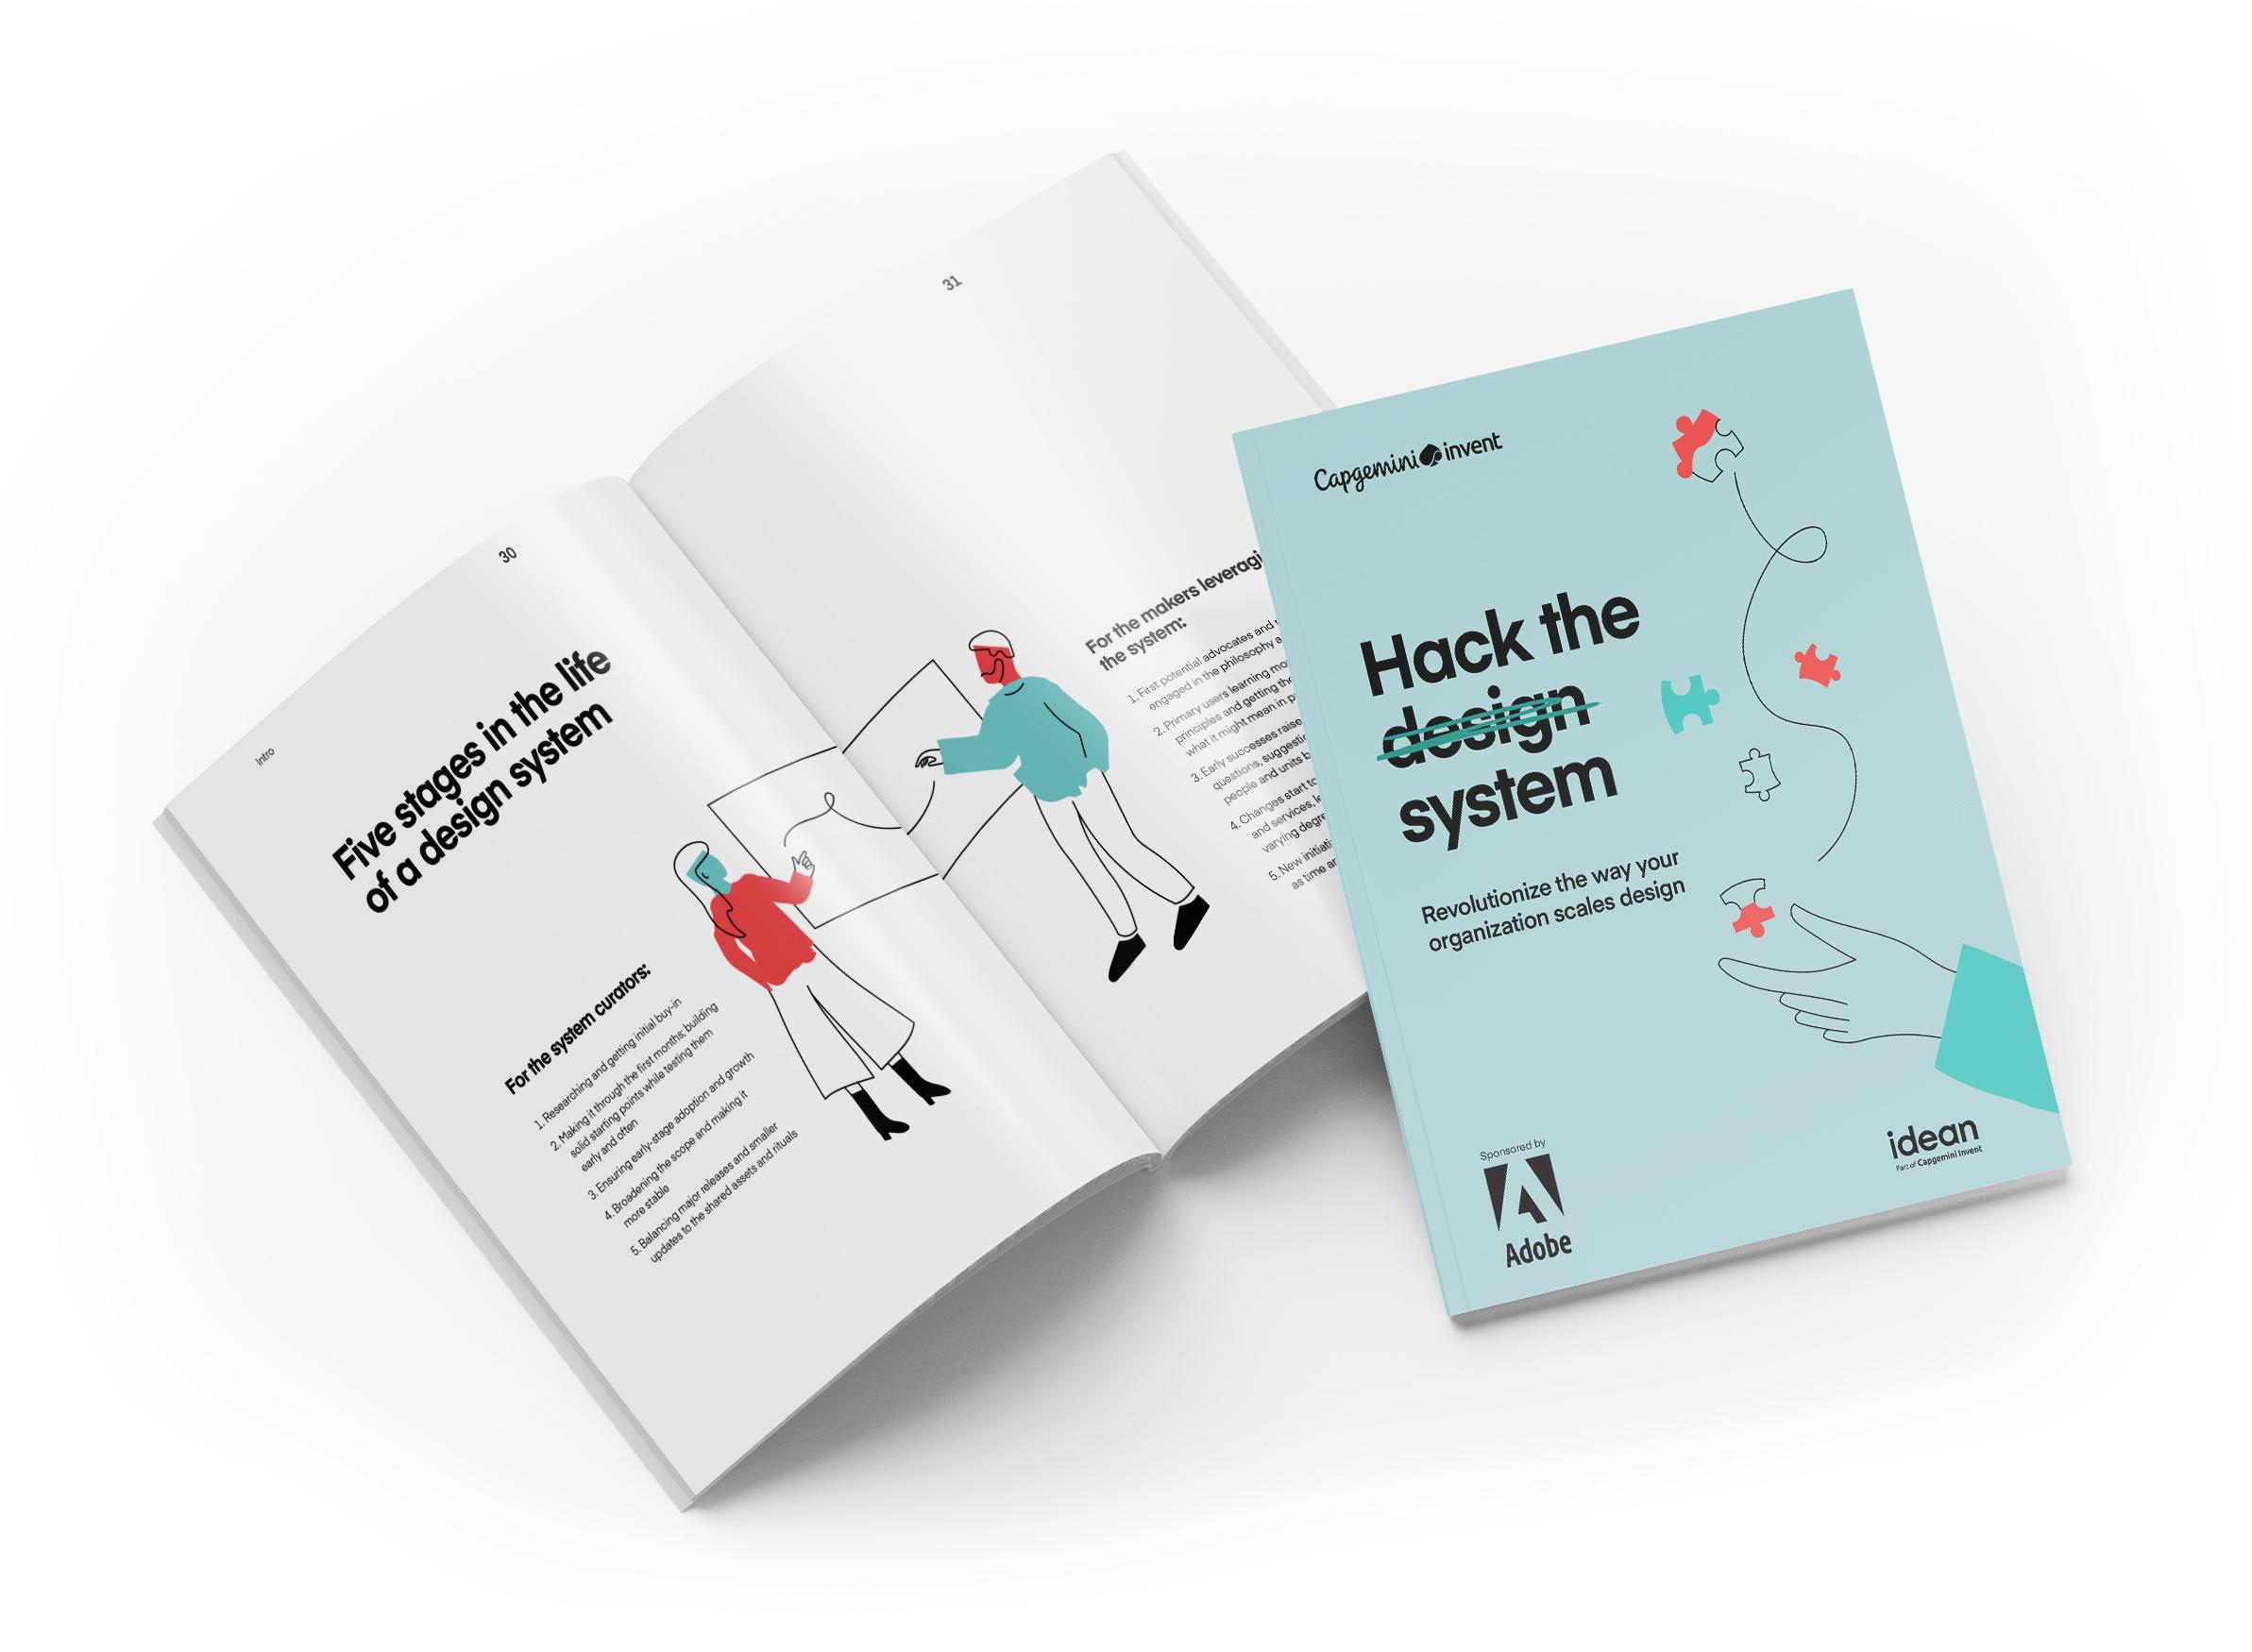 Hack the design system